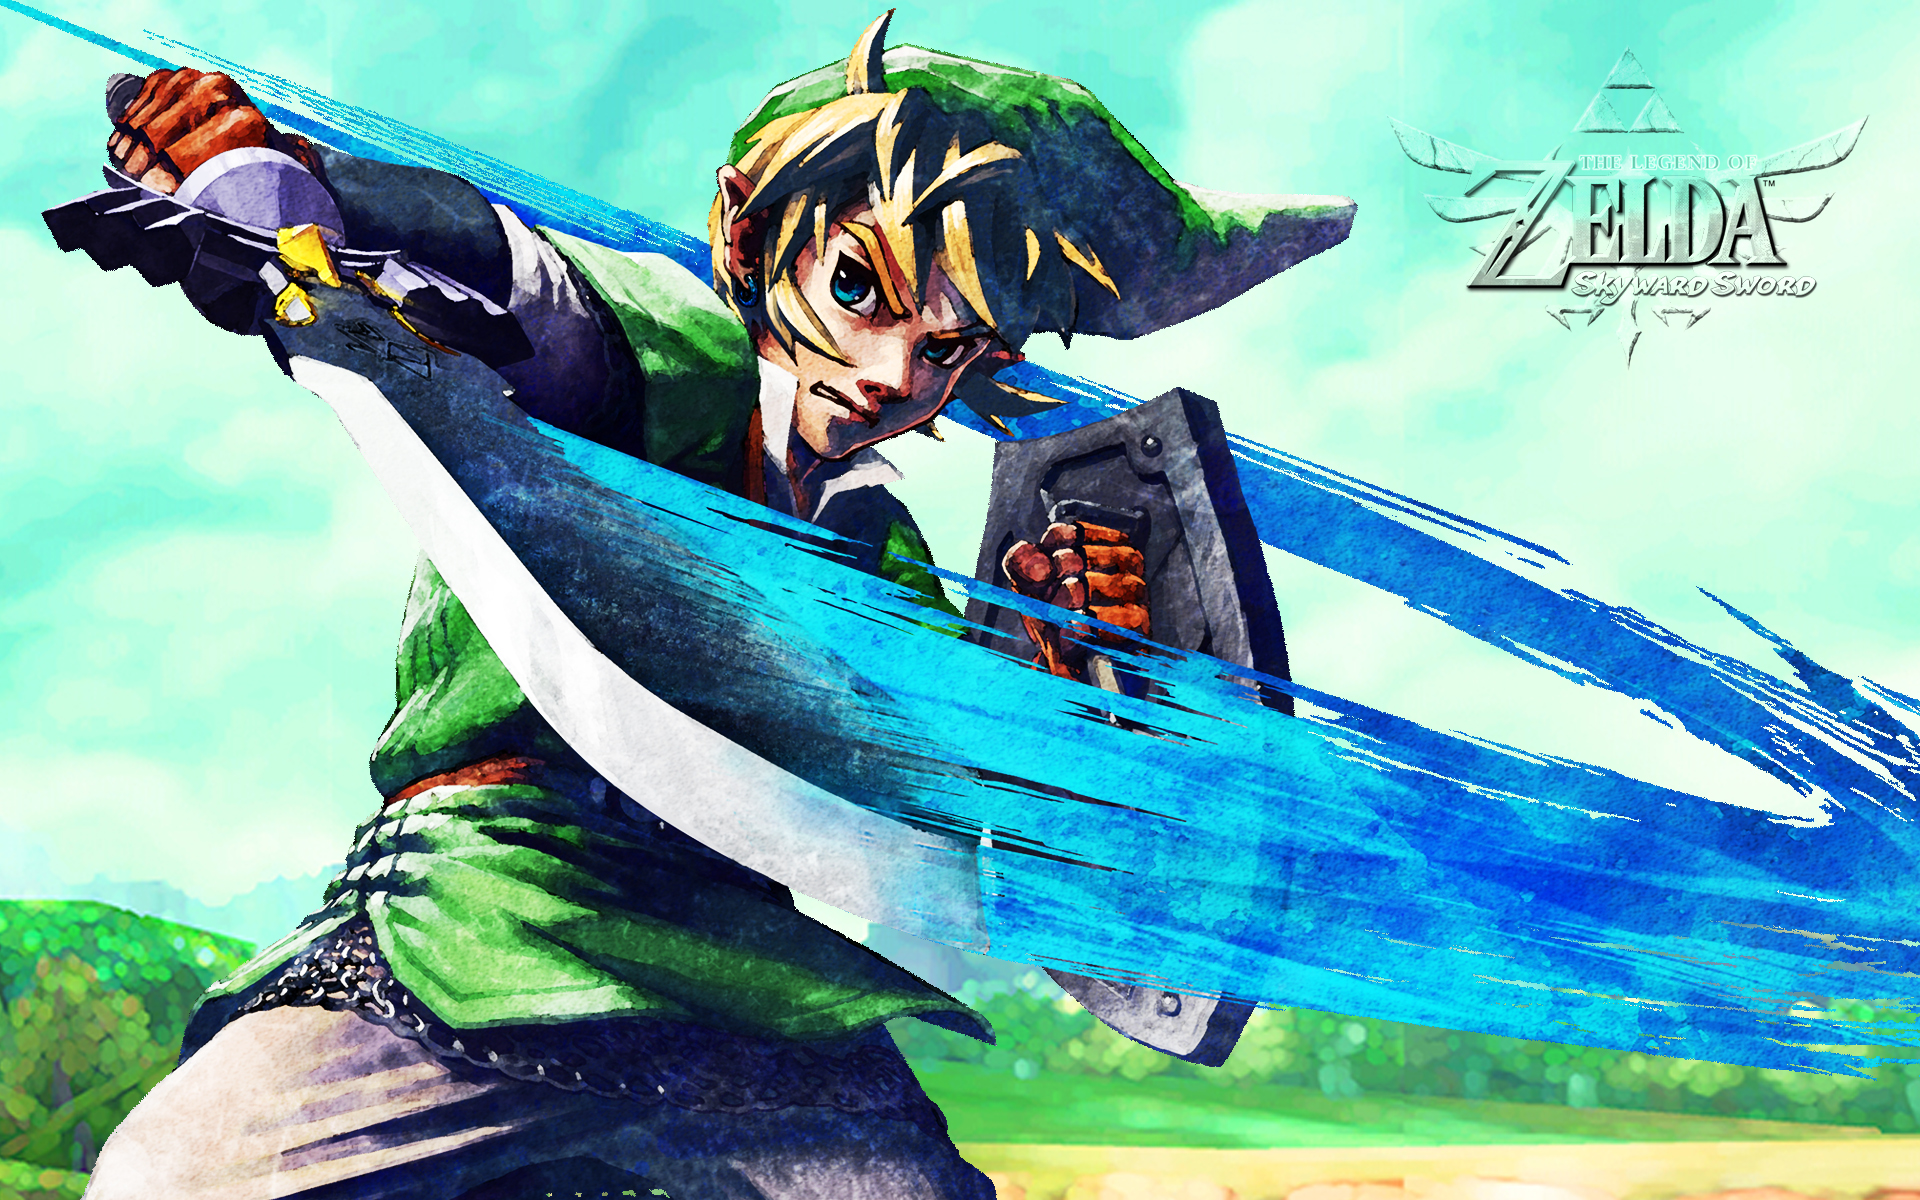 The Legend Of Zelda: Skyward Sword Wallpapers, Pictures ...